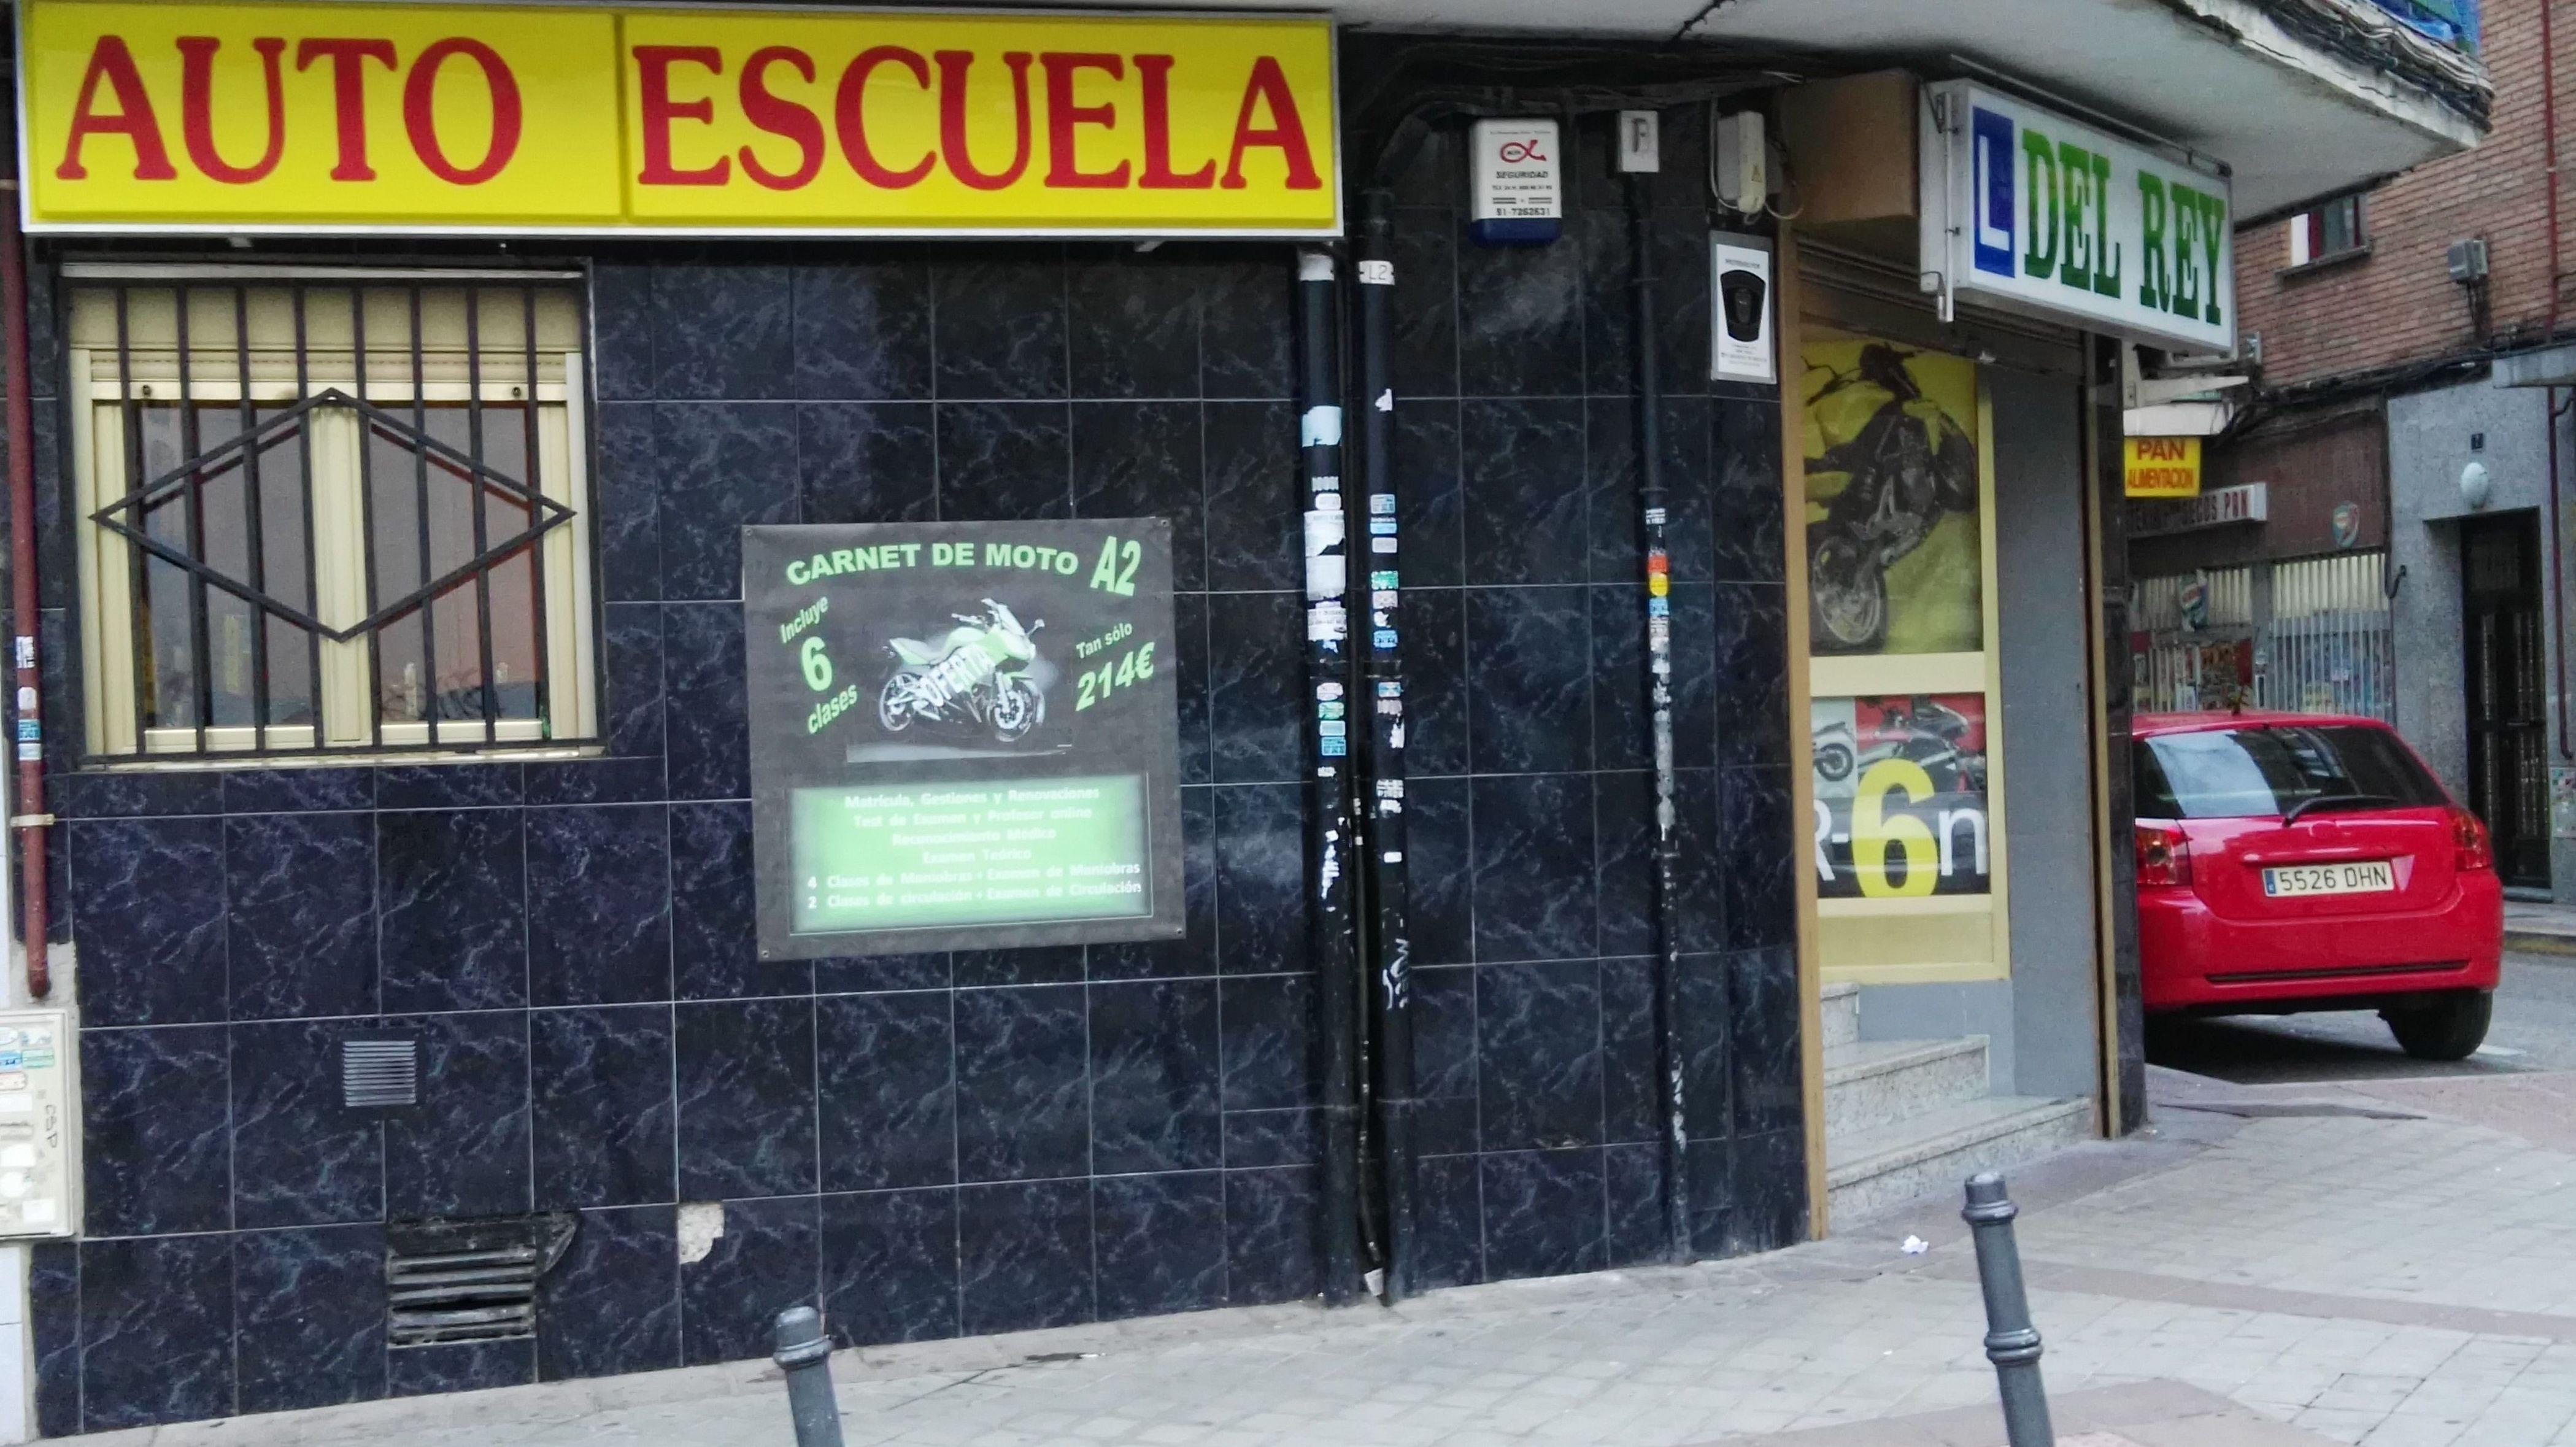 Foto 52 de Autoescuelas en Fuenlabrada | Autoescuela del Rey